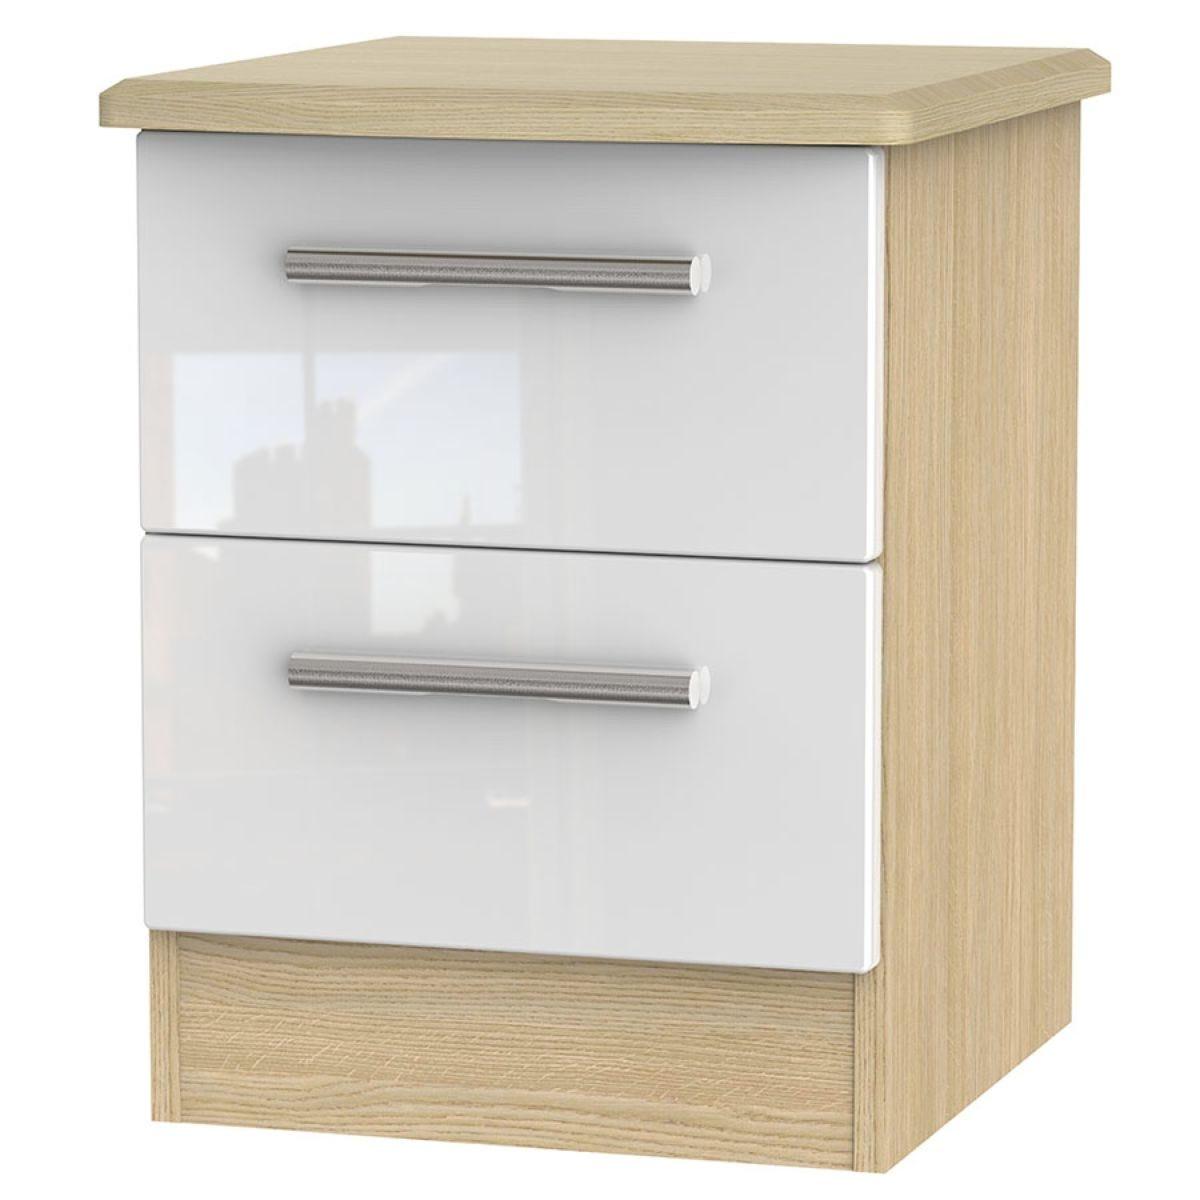 Kirkhill 2-Drawer Bedside Table - White Oak